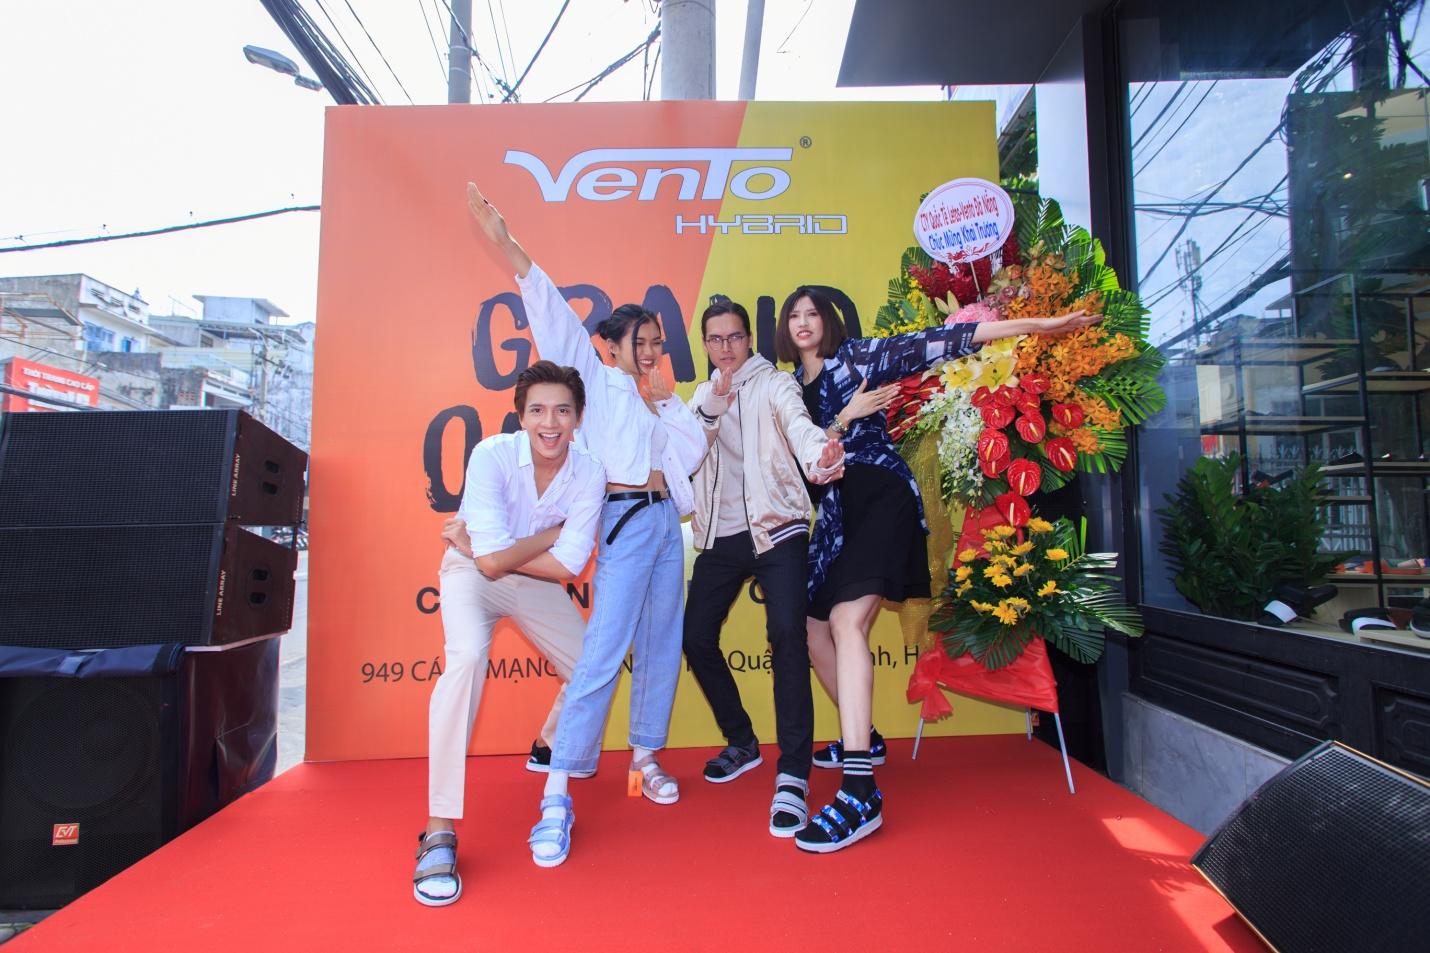 Không có người nổi tiếng làm đại diện, thương hiệu giày dép VENTO vẫn được giới trẻ săn lùng - Ảnh 5.